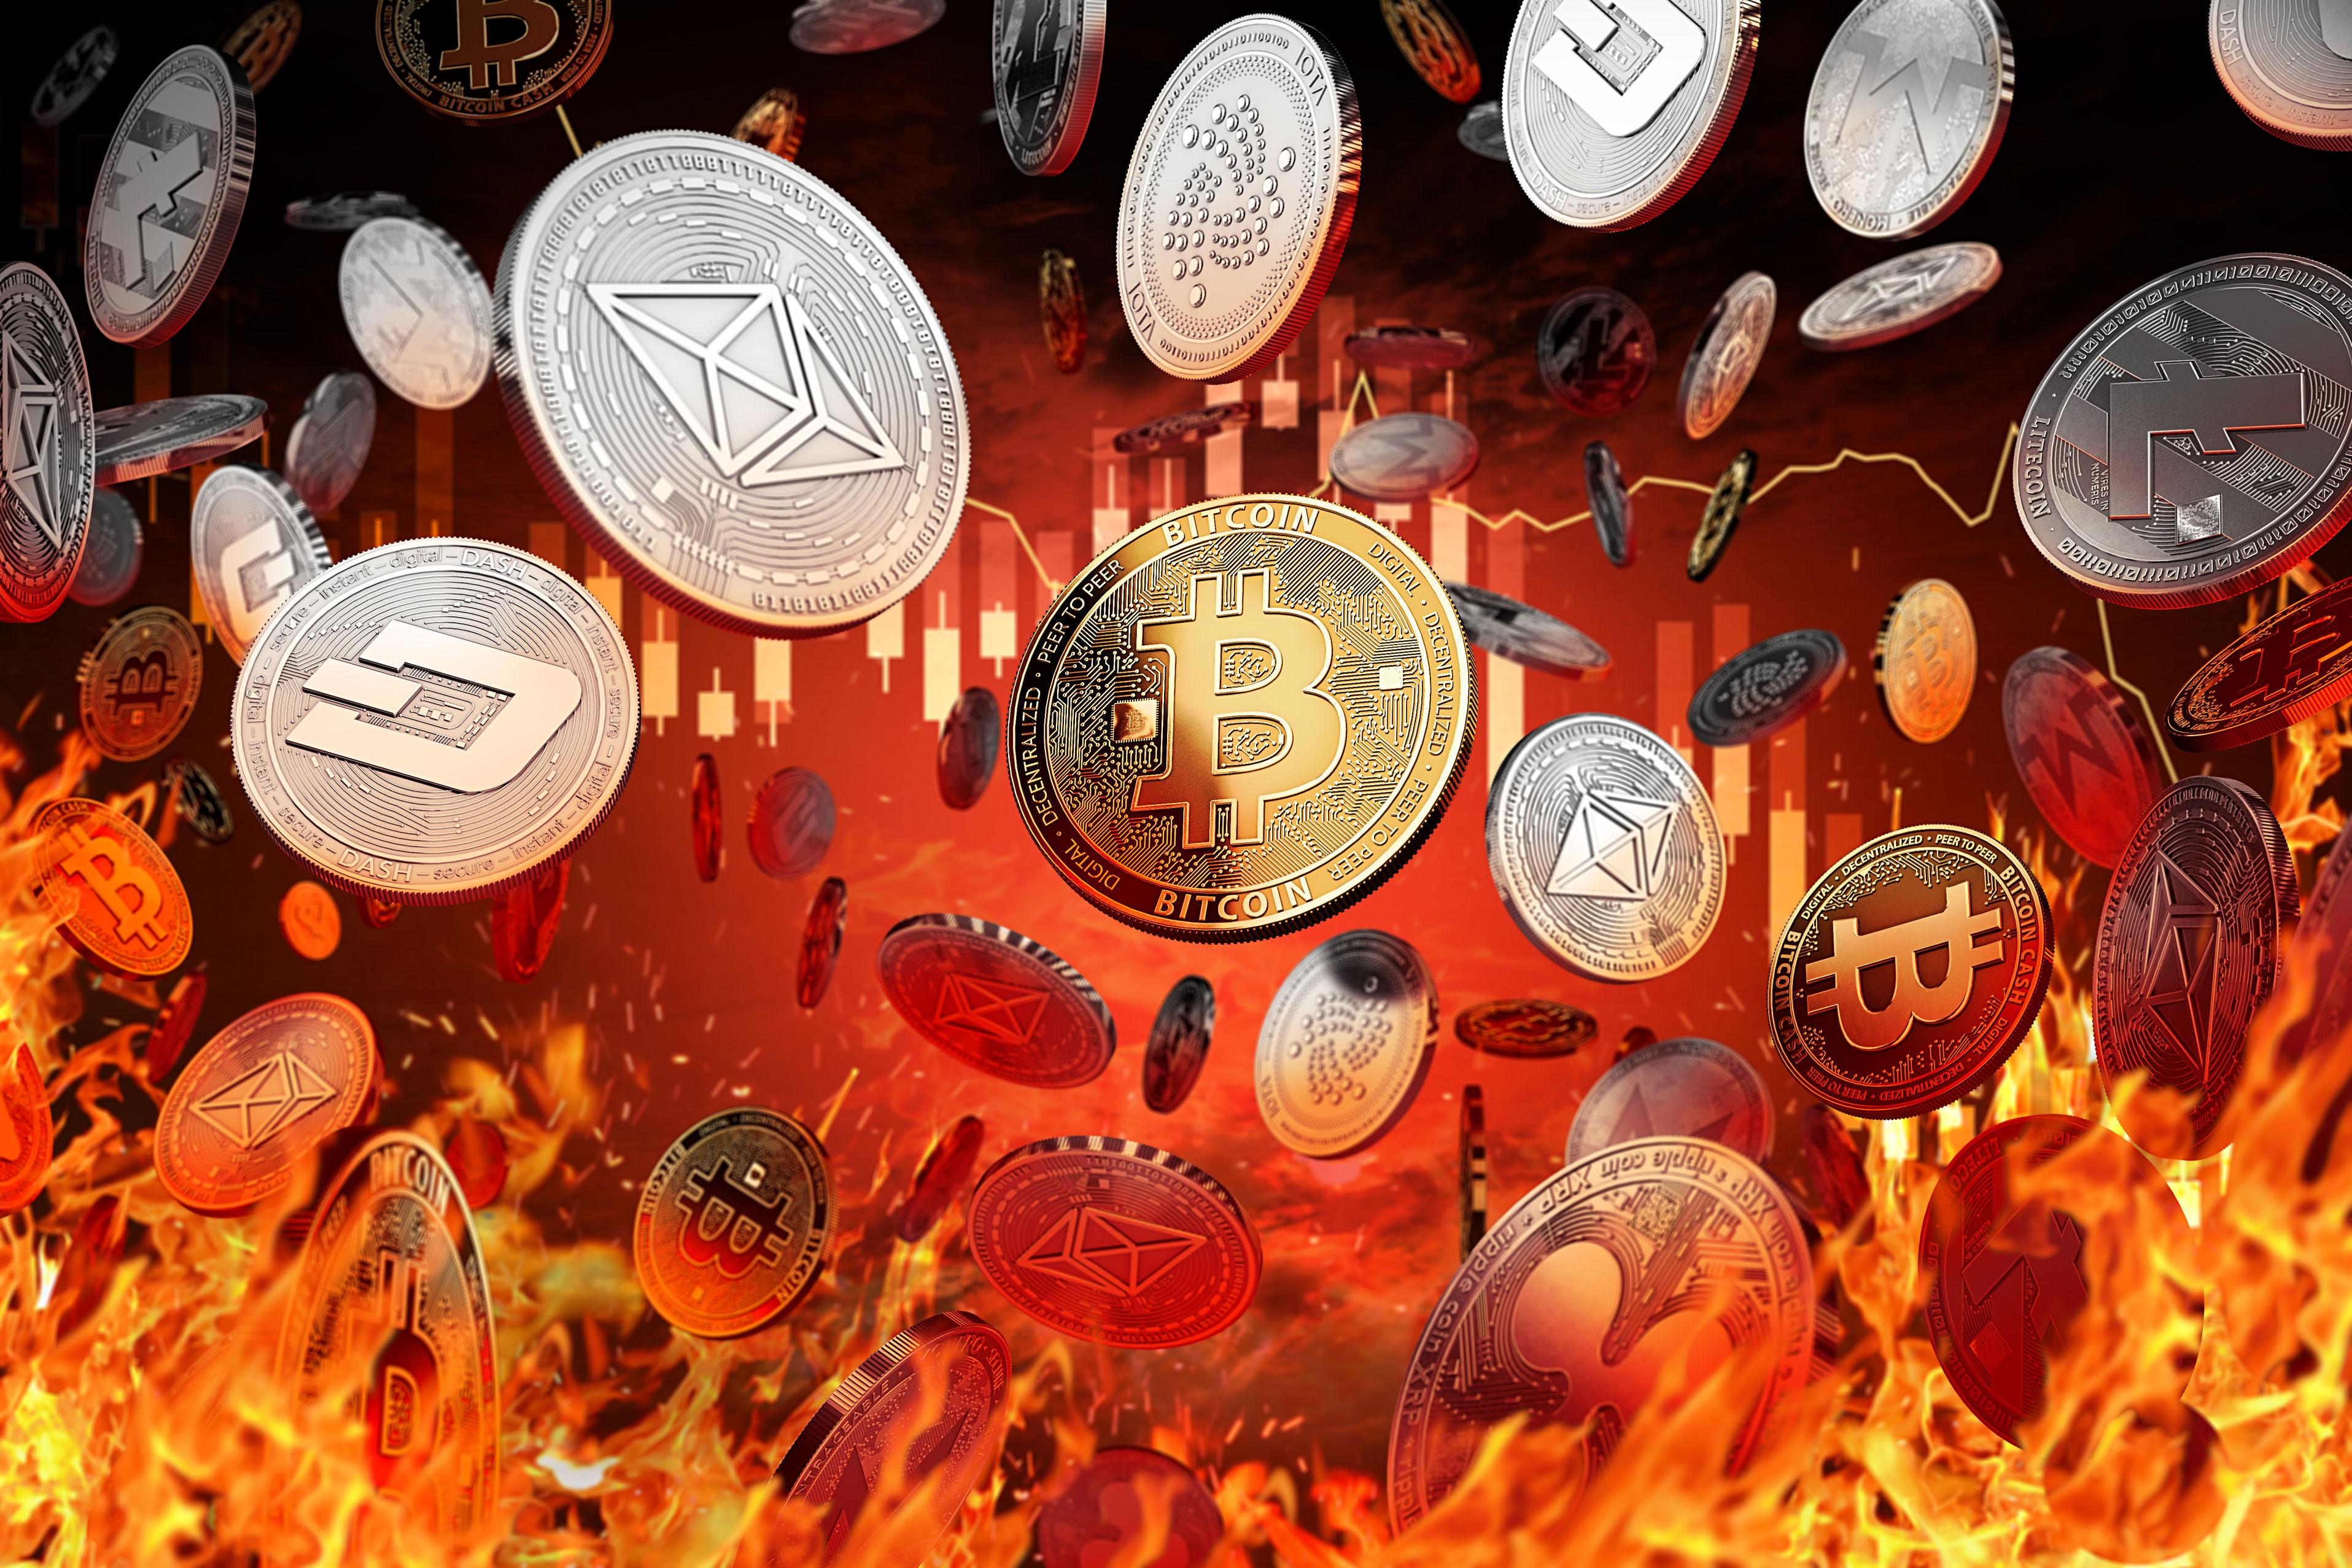 zebpay bitcoin rate tradingview btc dash